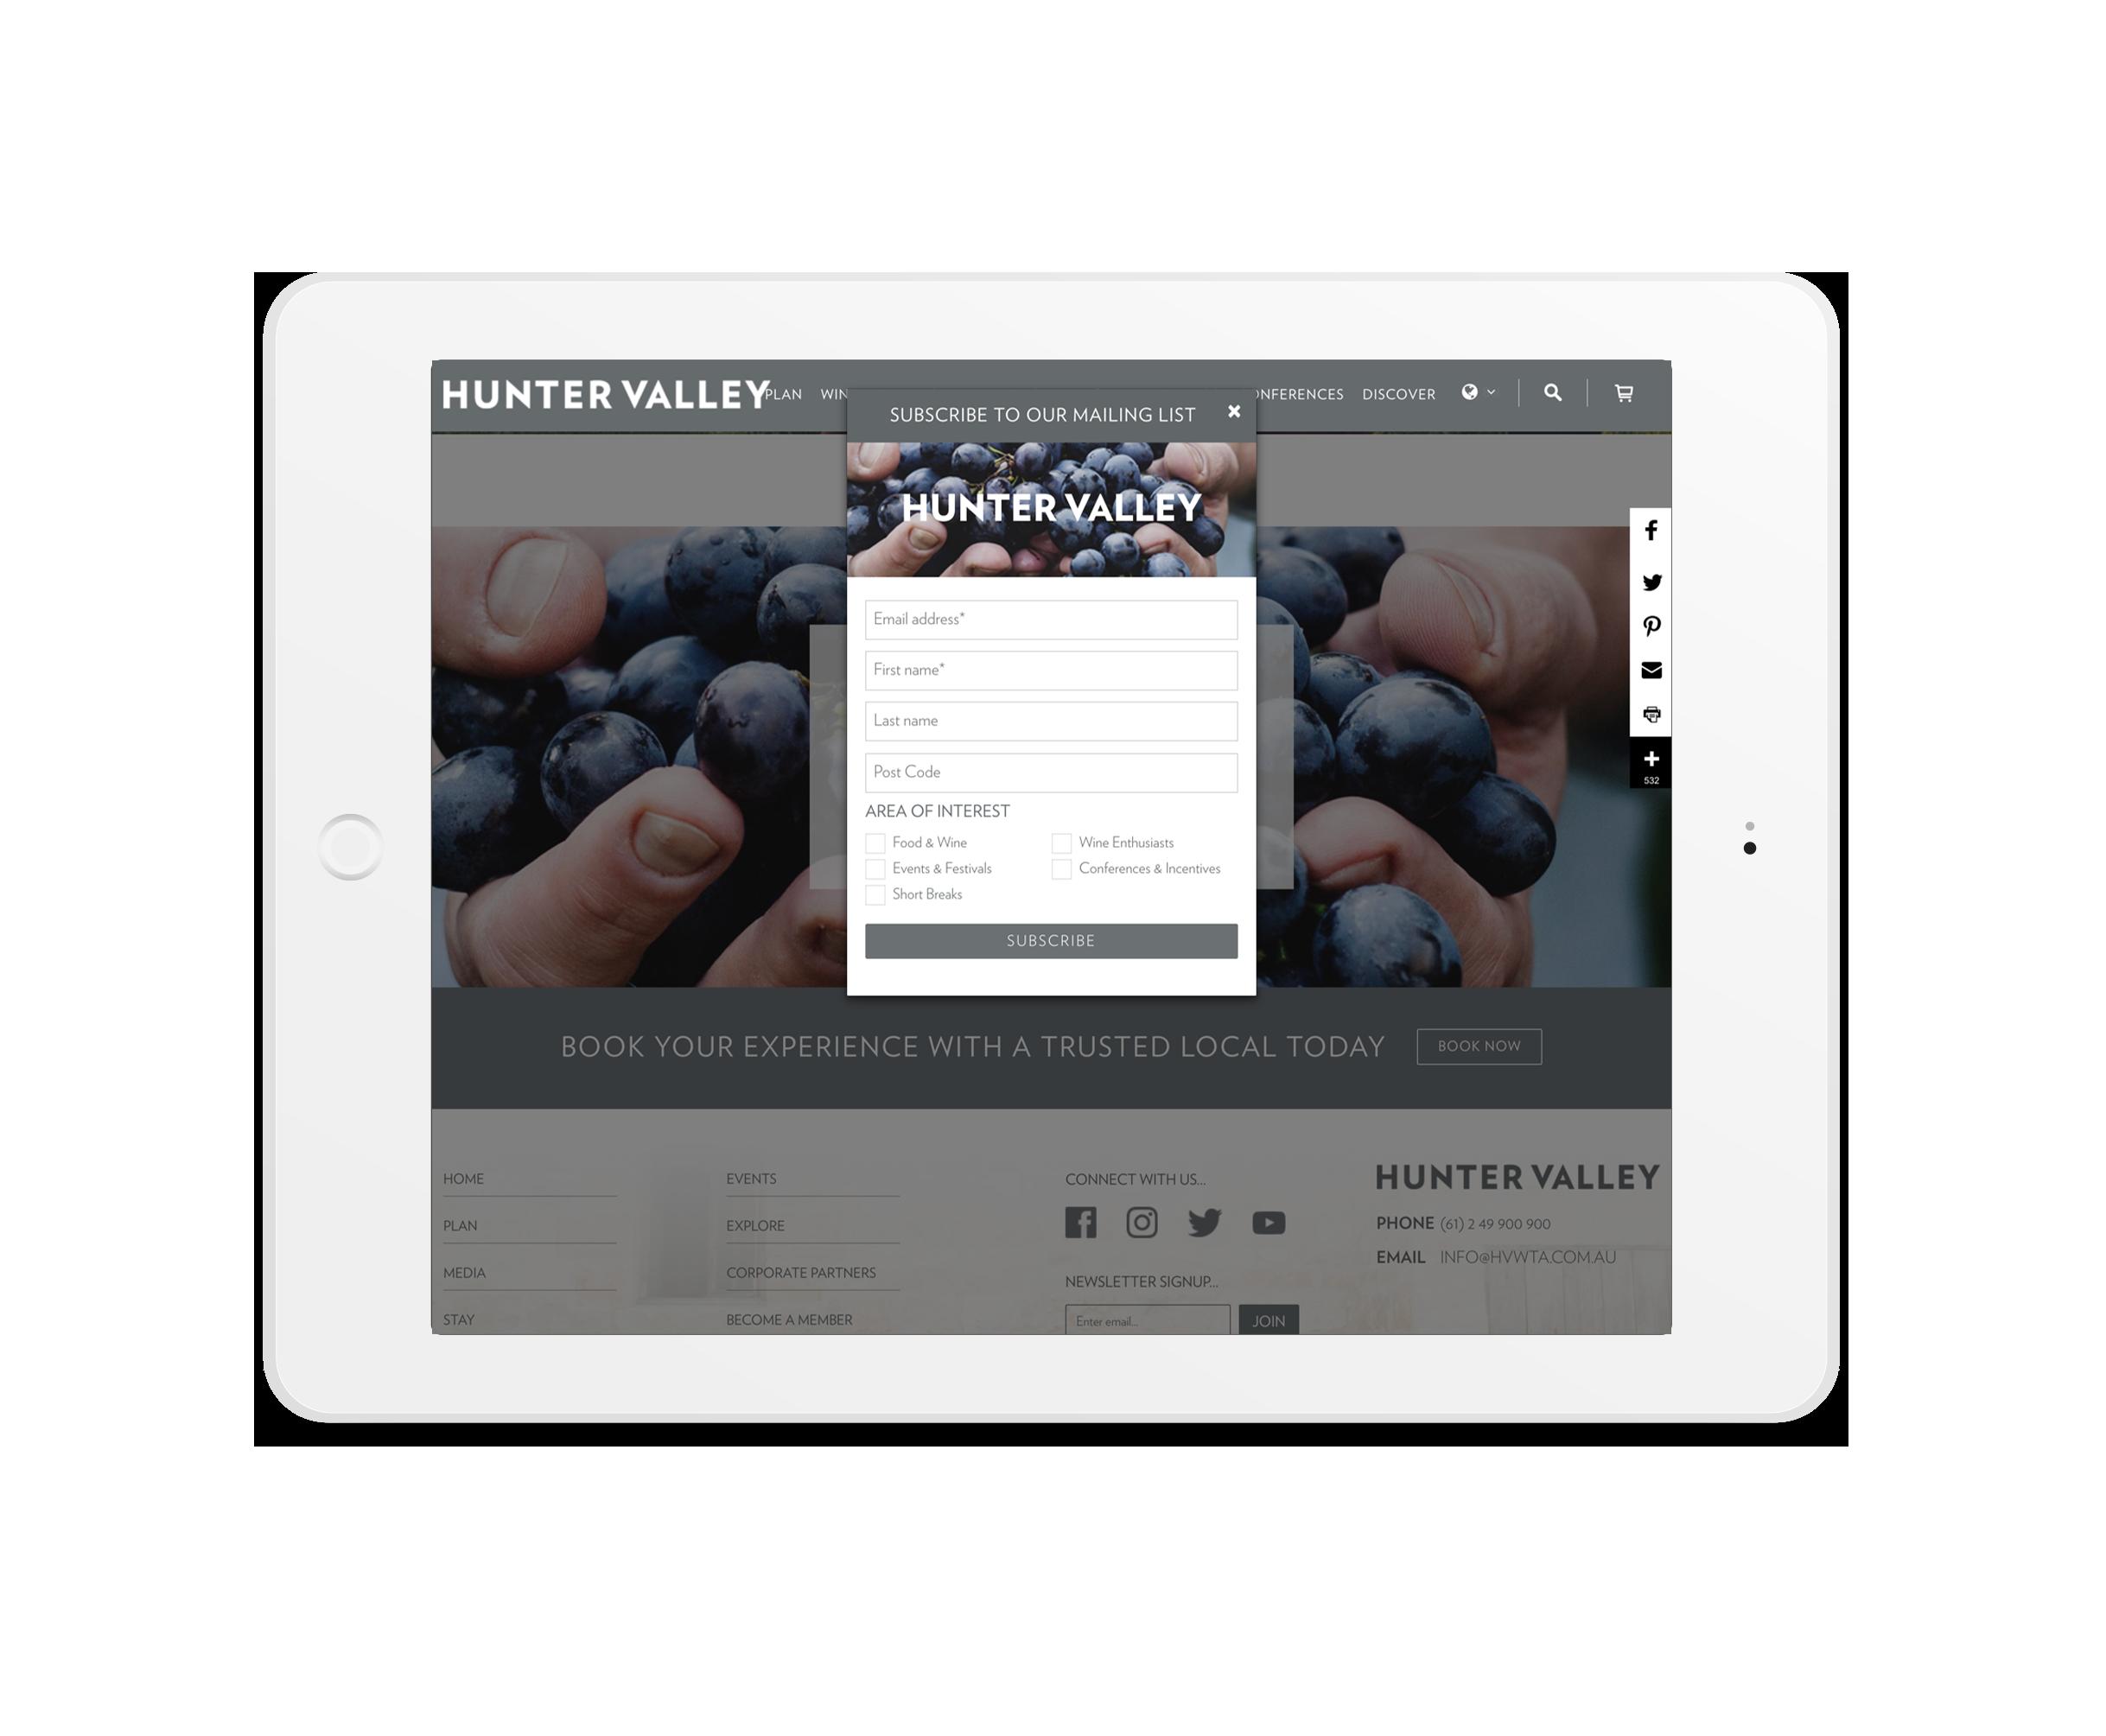 E-Newsletter Integration